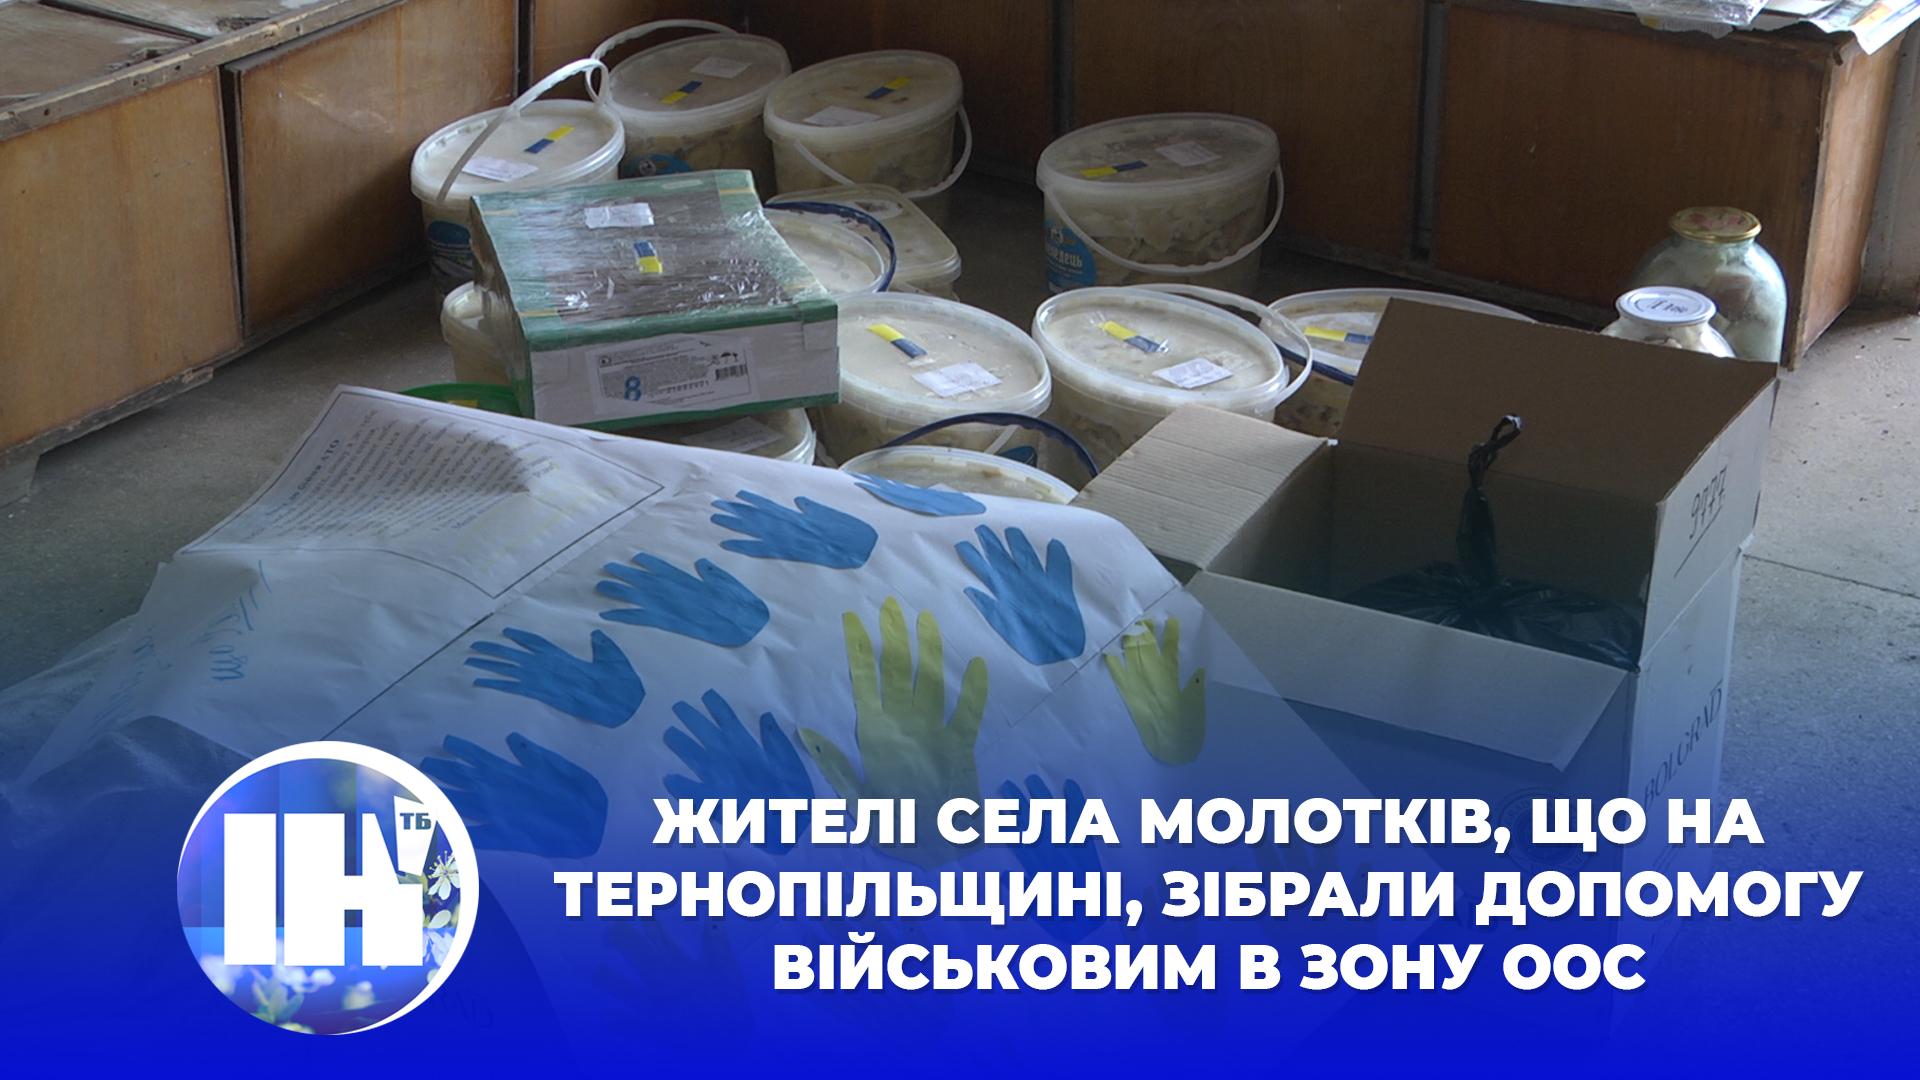 Жителі села Молотків, що на Тернопільщині, зібрали допомогу військовим в зону ООС